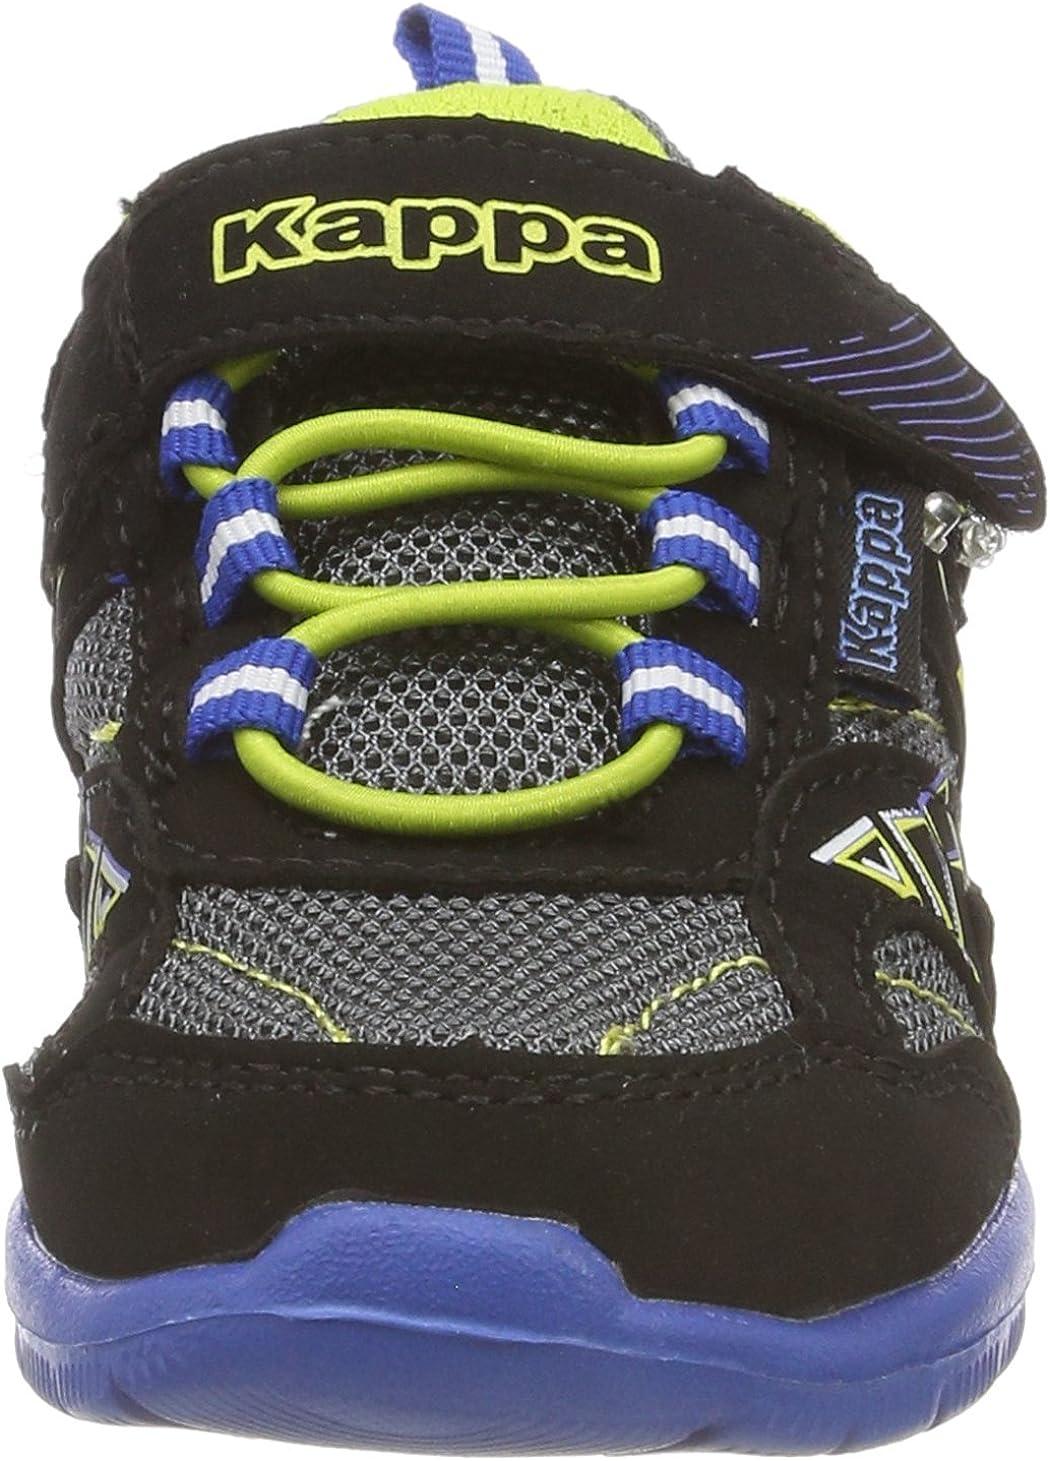 Kappa Unisex Kids Cosmic Low-Top Sneakers